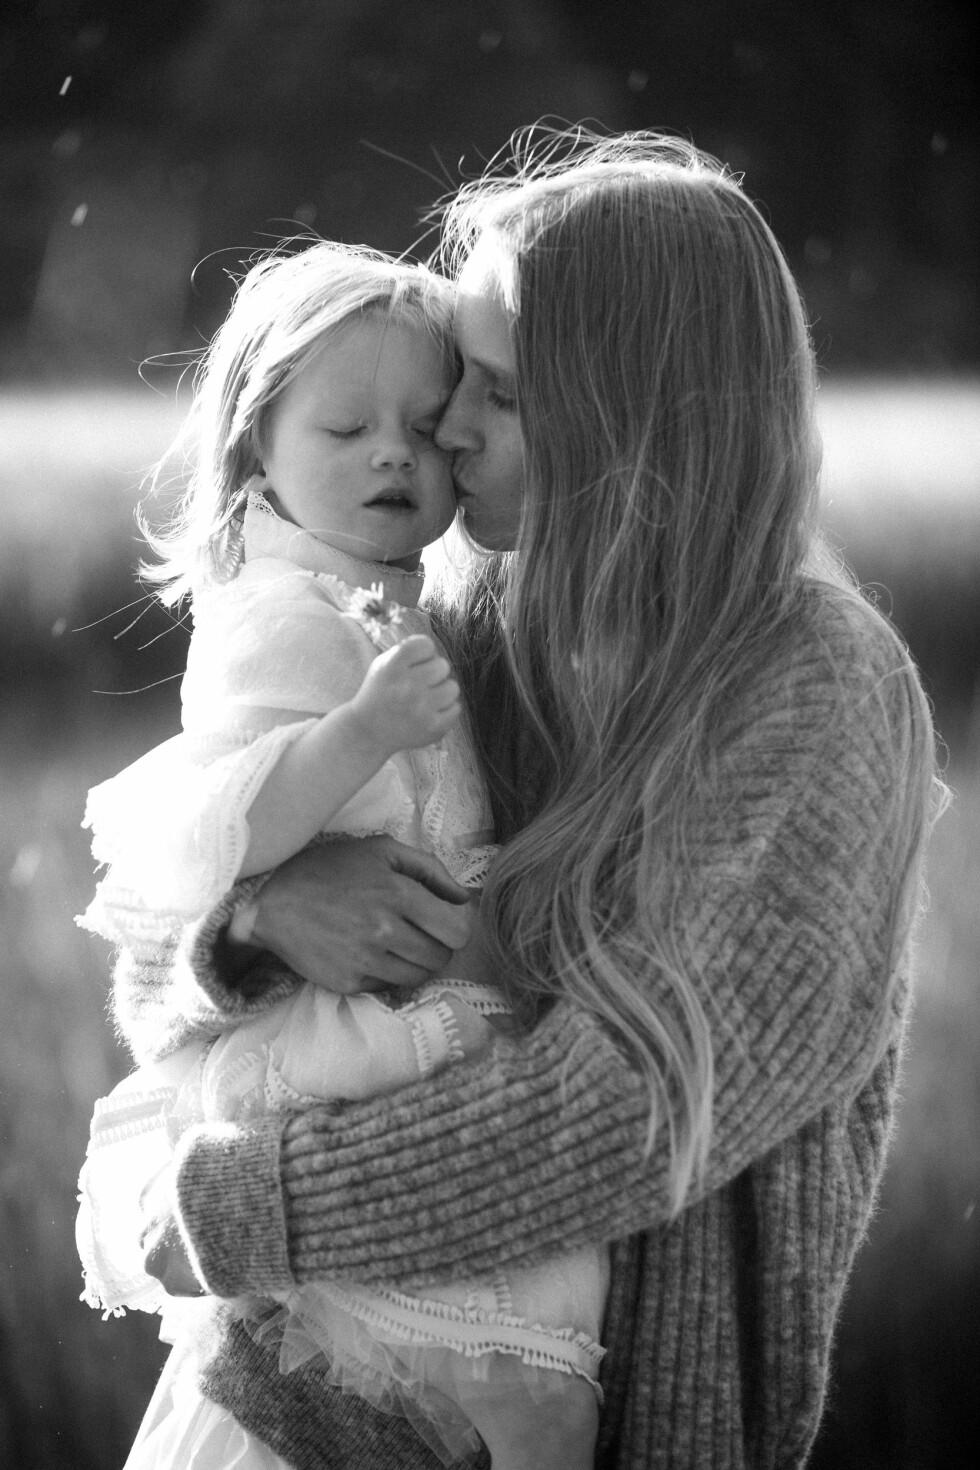 MOR OG MODELL: For tre år siden fødte Jenny Sinkaberg datteren Jona. Foto: Privat